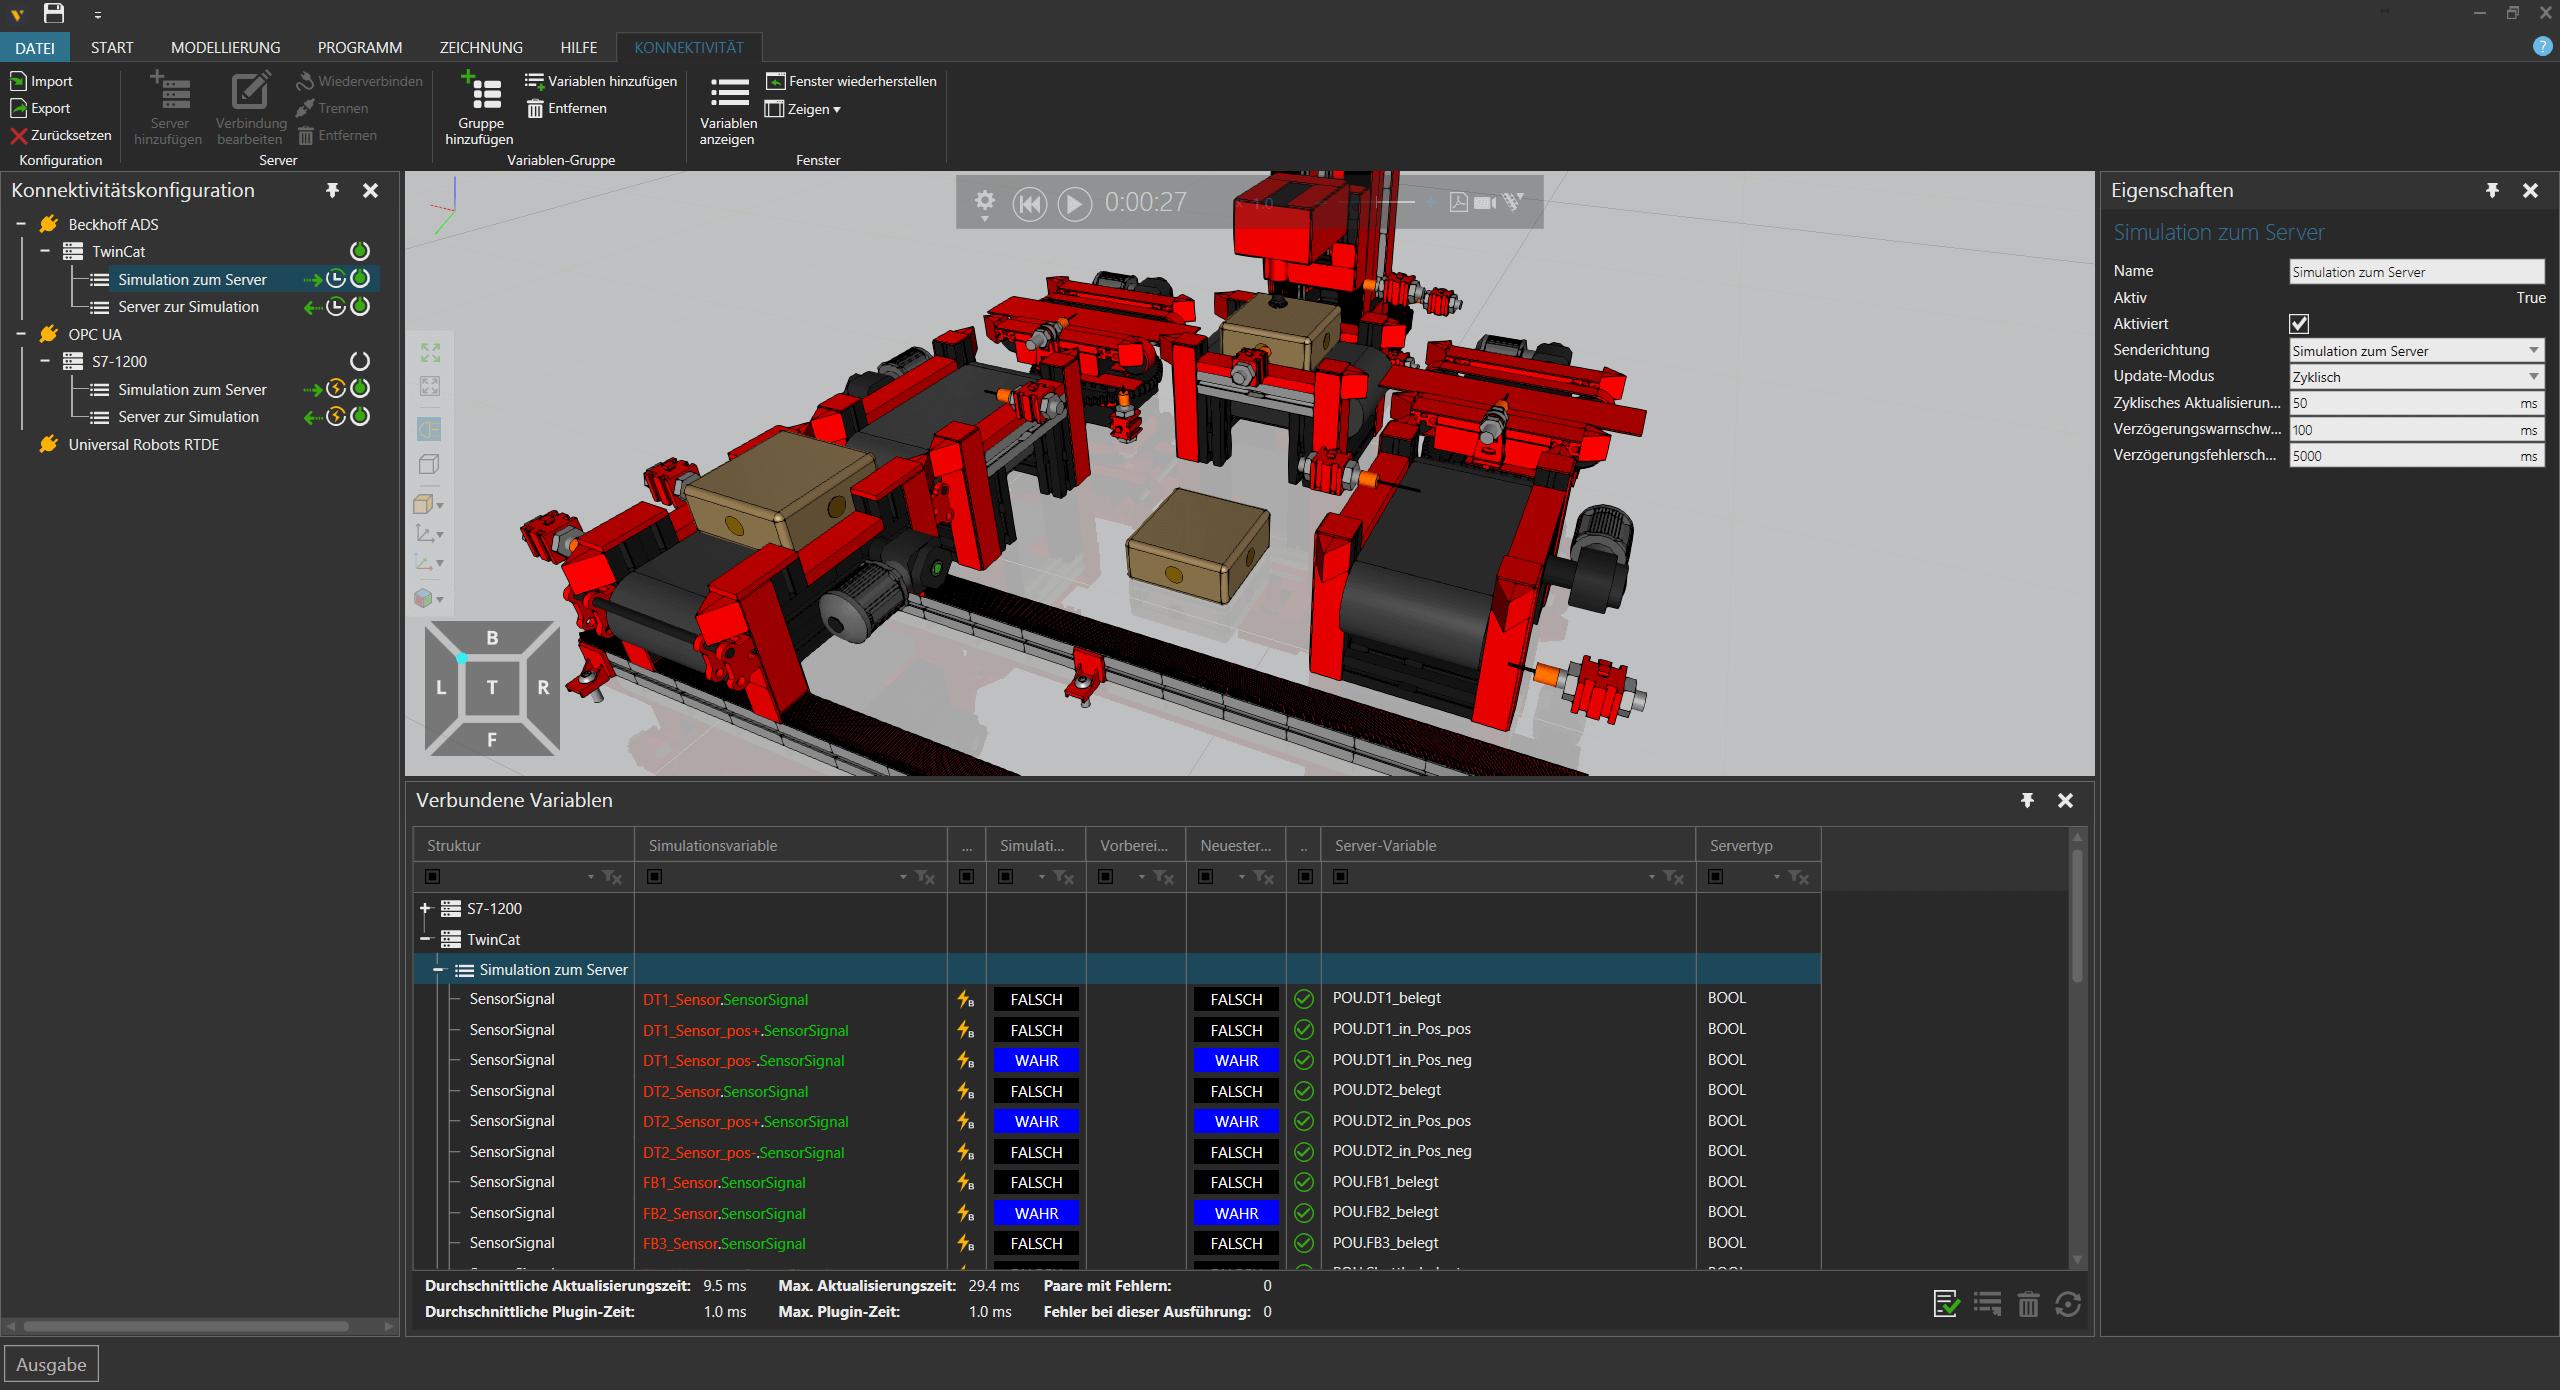 Virtuelle Inbetriebnahme - Verbindung mit Simulator